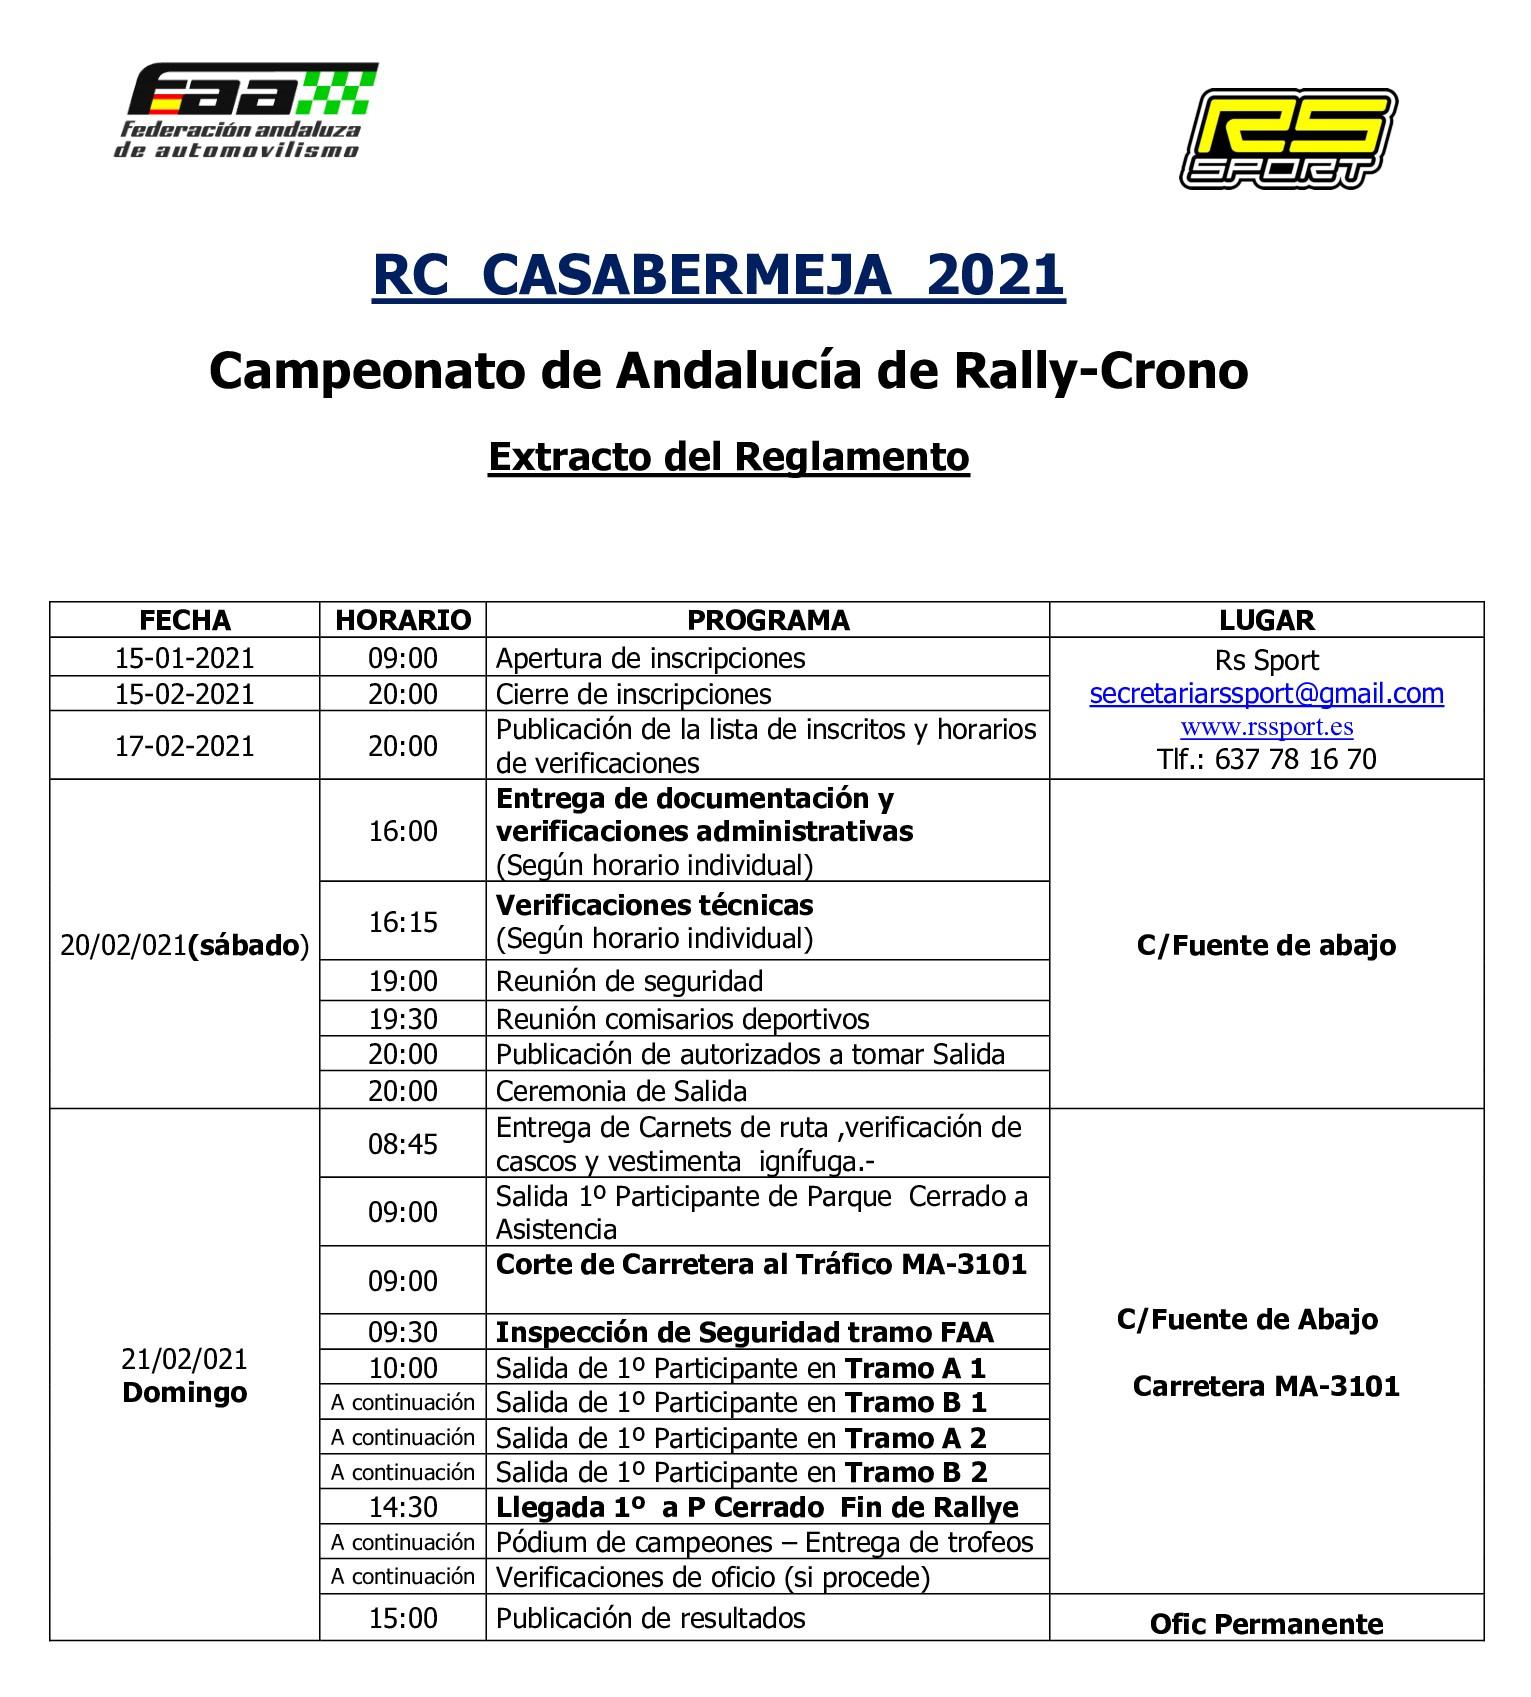 Programa Horario Rally Crono Casabermeja 2021